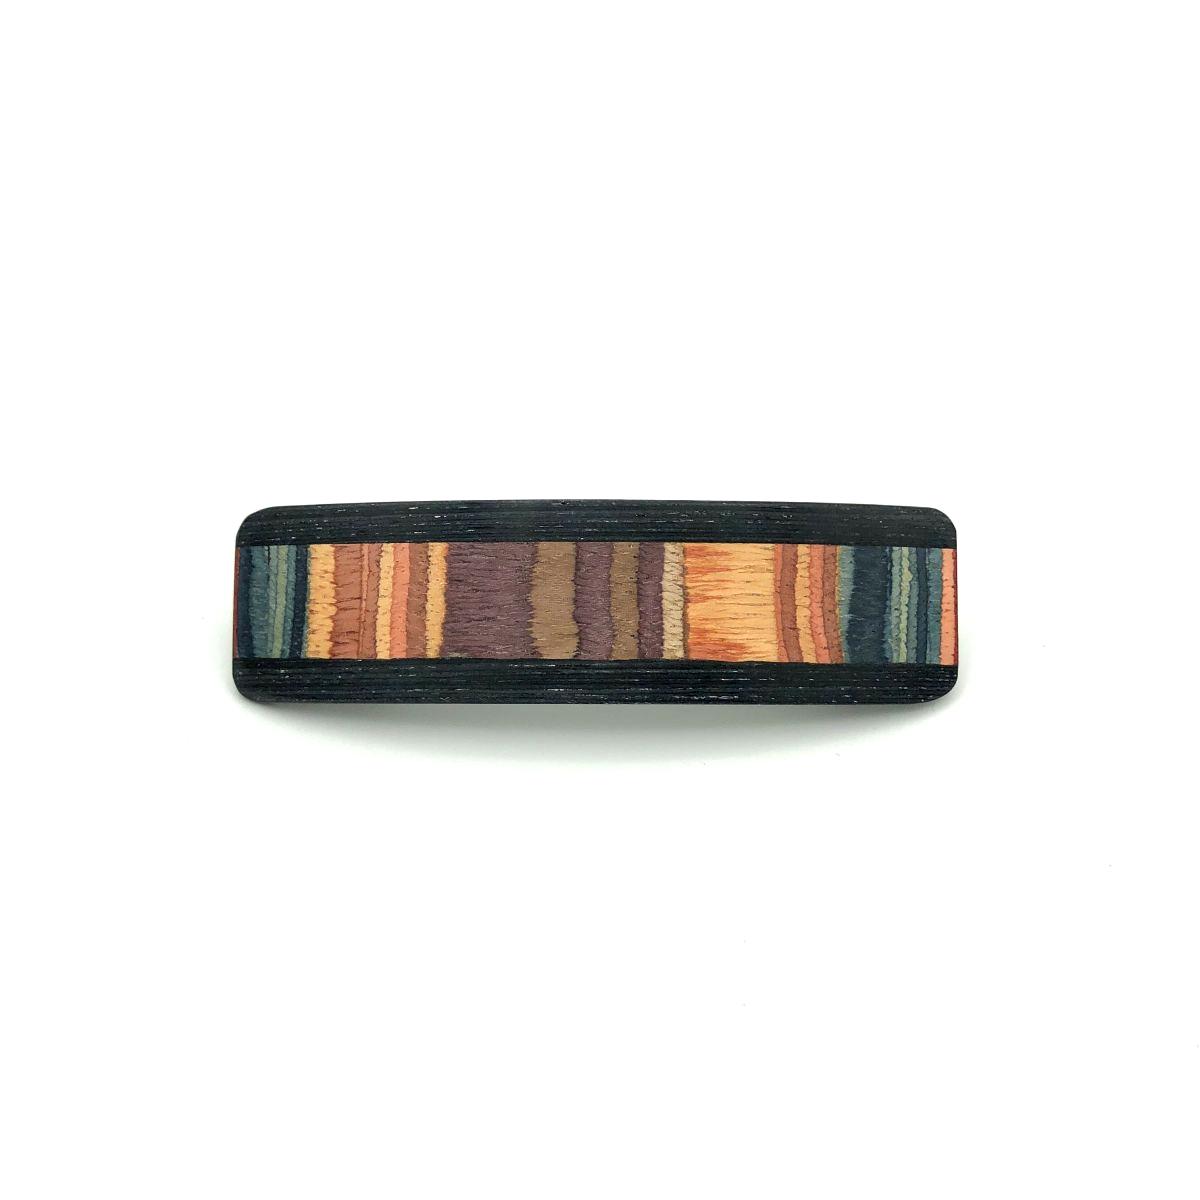 Haarspange aus Holz lila/bunt - mittel, schmal - 9,5 cm